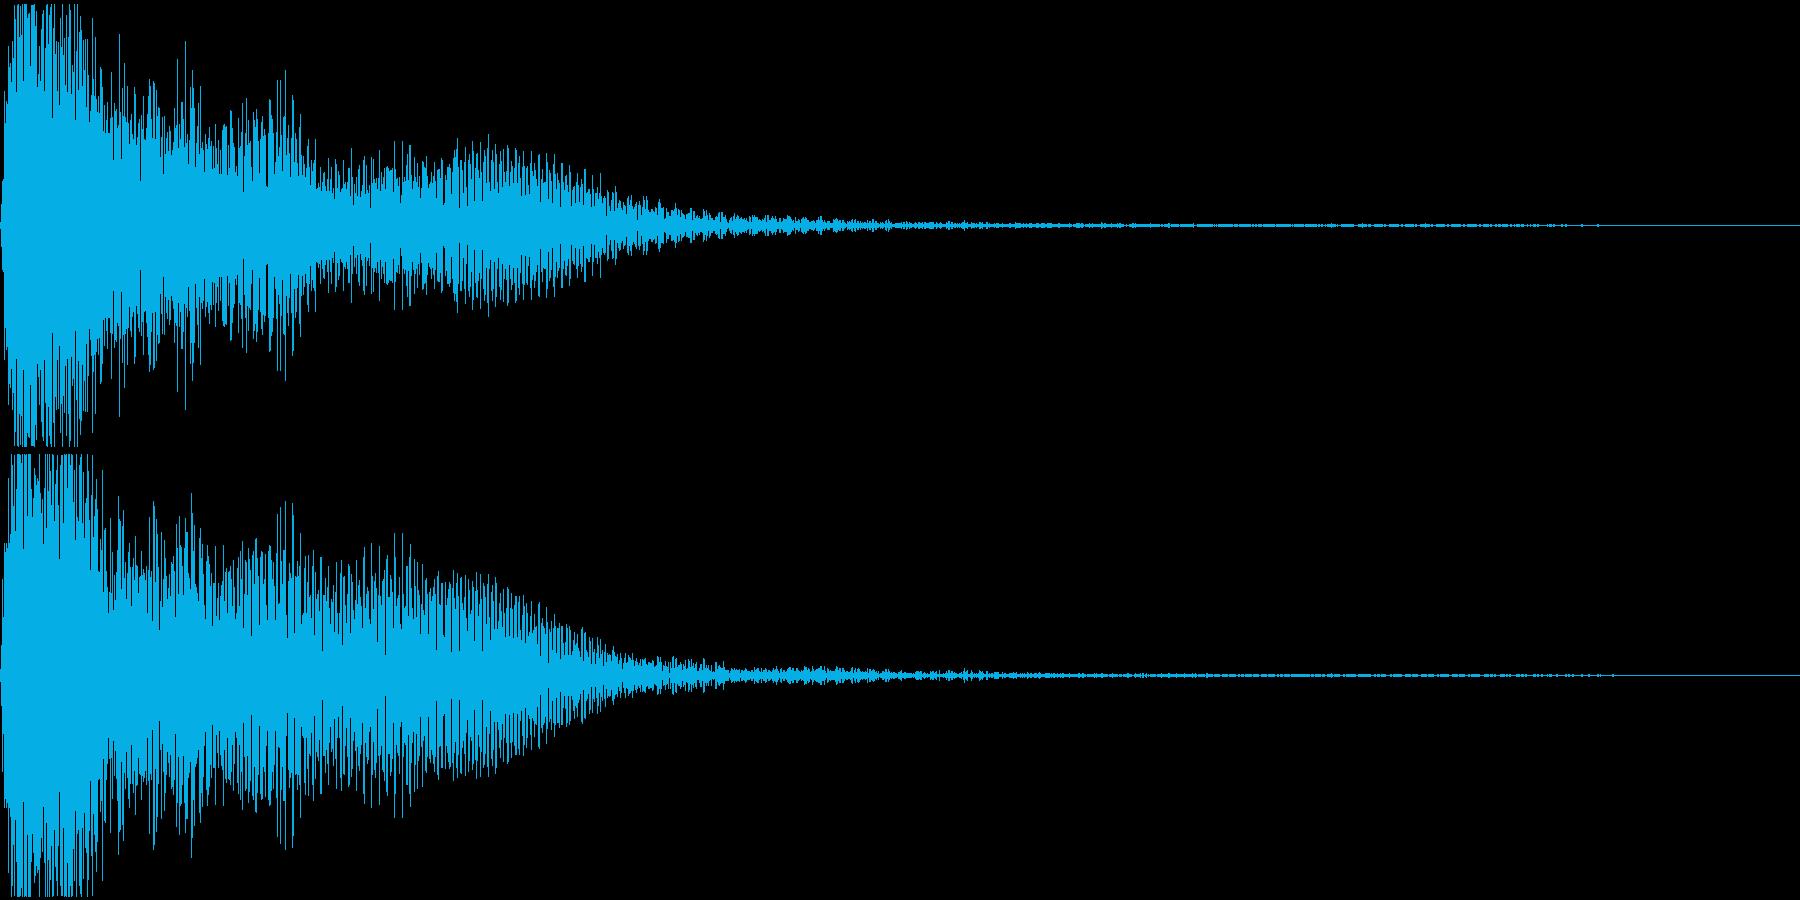 ド♯/レ♭単音のオーケストラルヒットの再生済みの波形